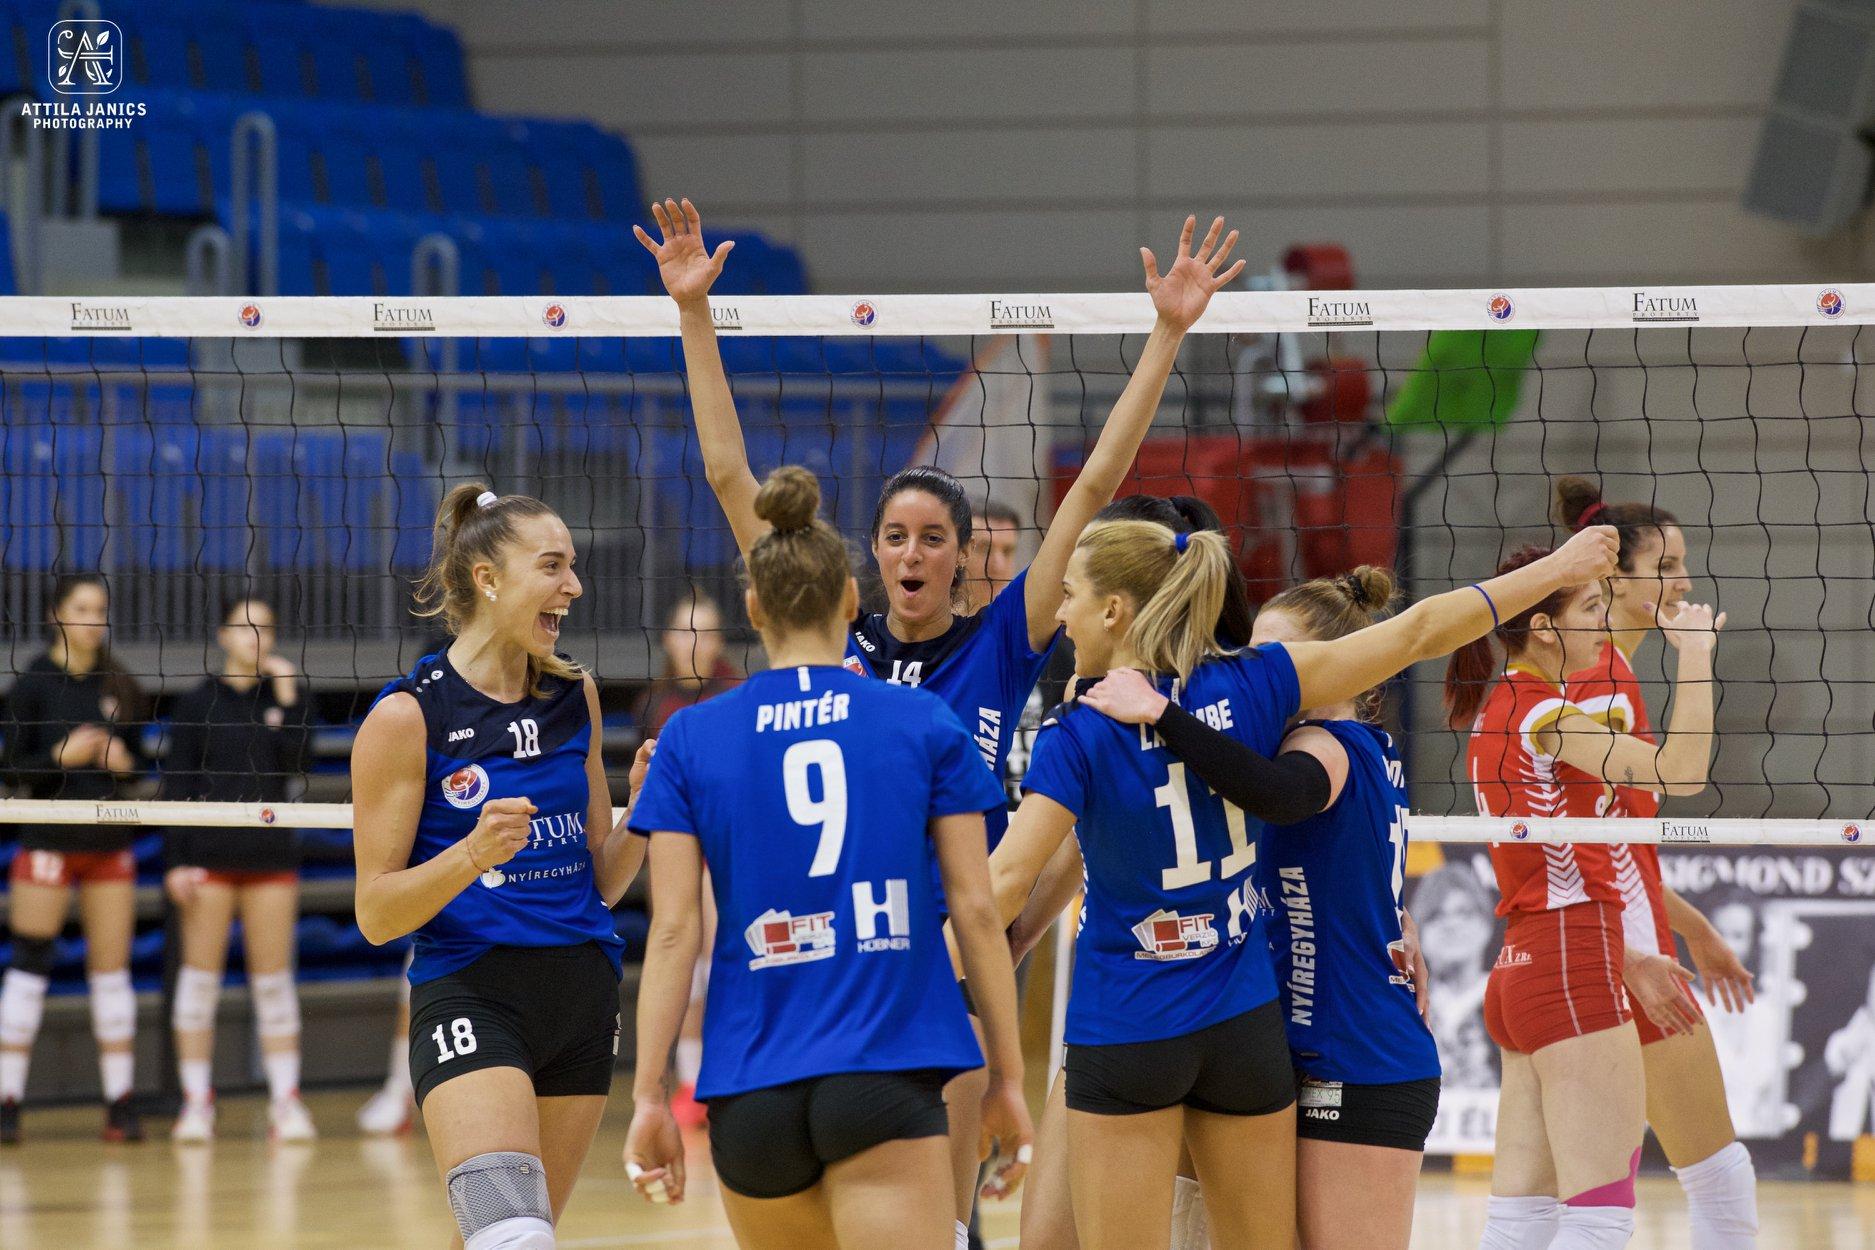 Fatum-Nyíregyháza – DVTK röplabda bajnoki mérkőzés